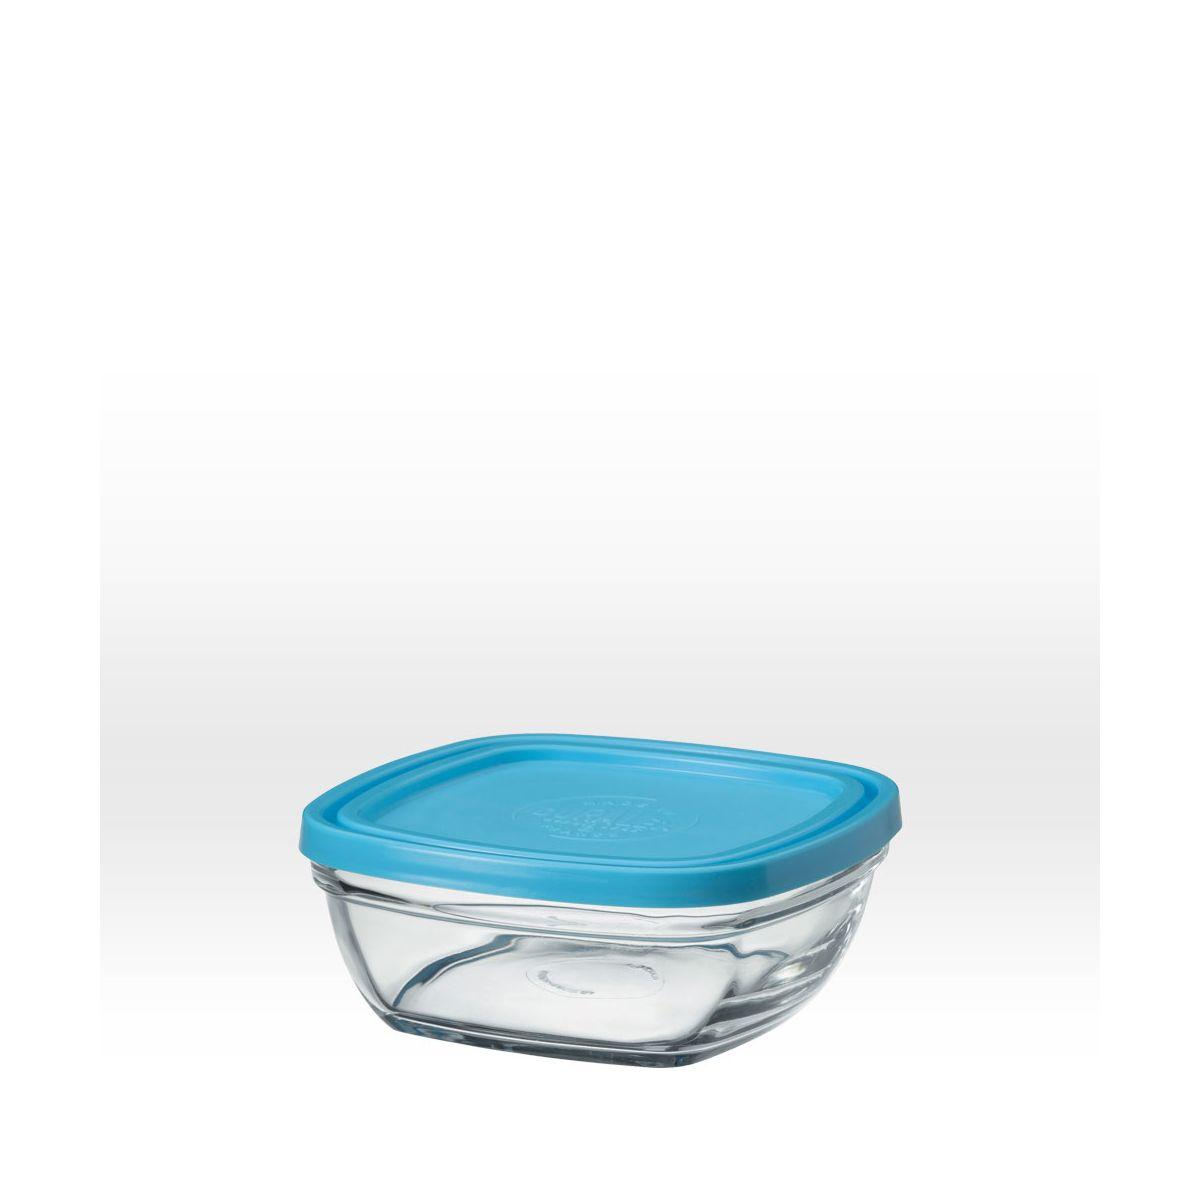 saladier carr en verre avec couvercle bleu 14 cm 61 cl sebio. Black Bedroom Furniture Sets. Home Design Ideas